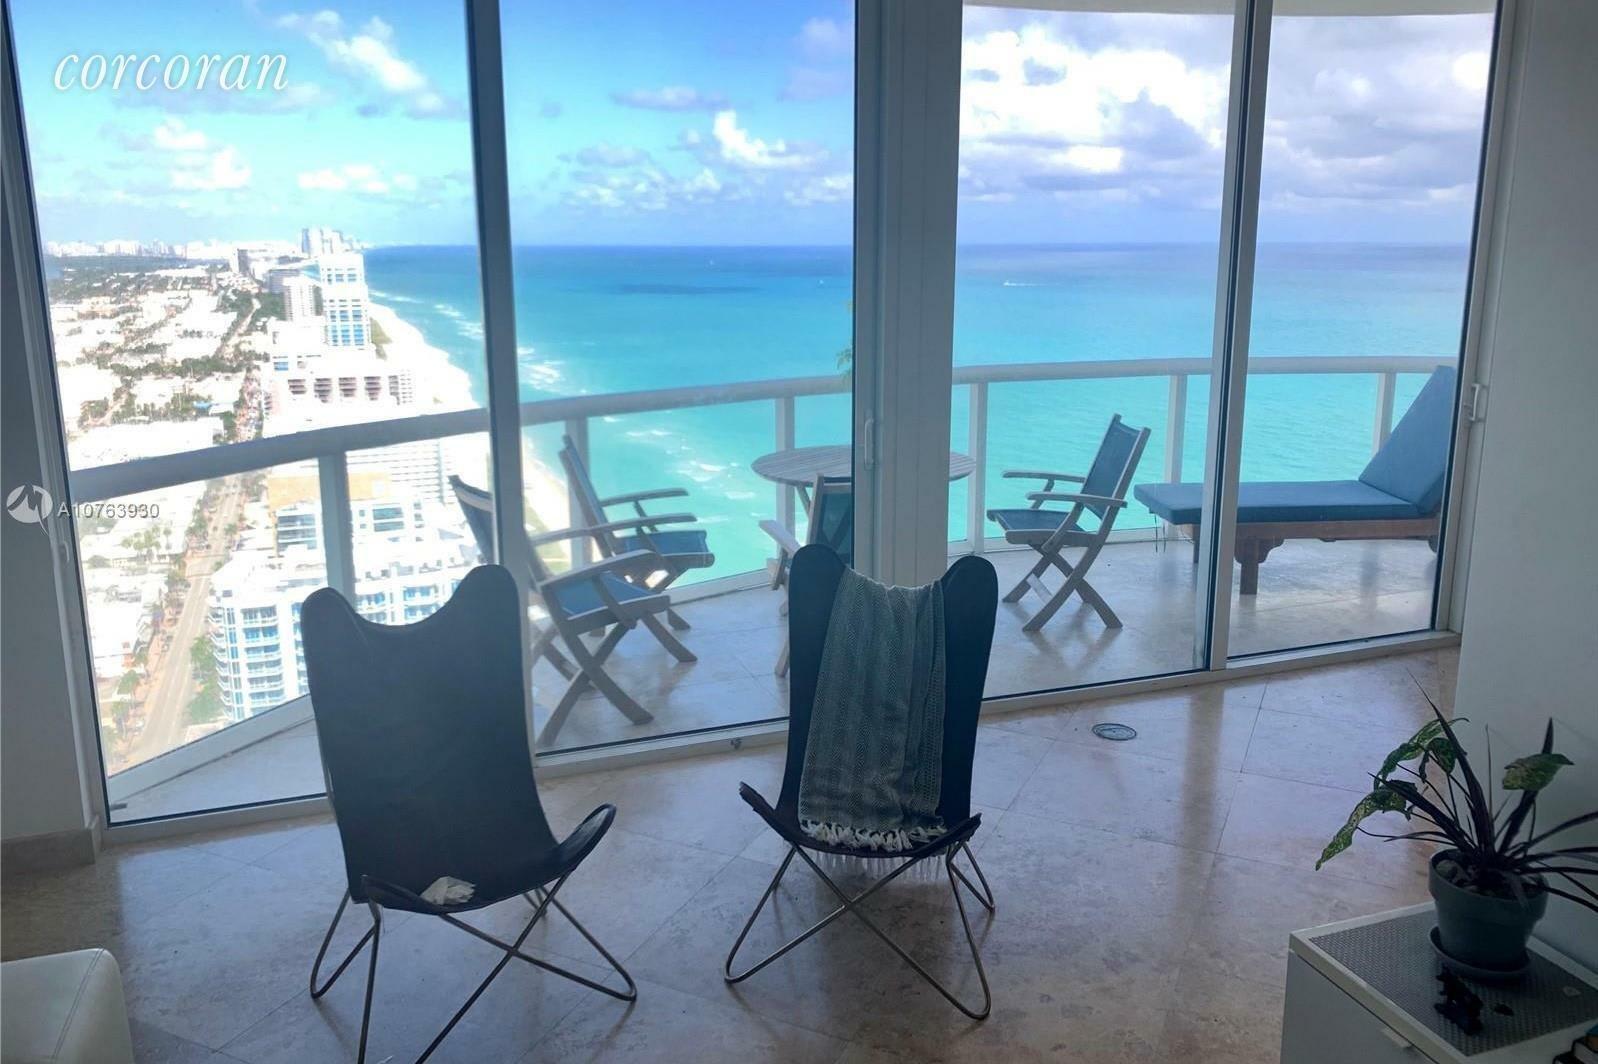 Maison à Miami Beach, Floride, États-Unis 1 - 11281152